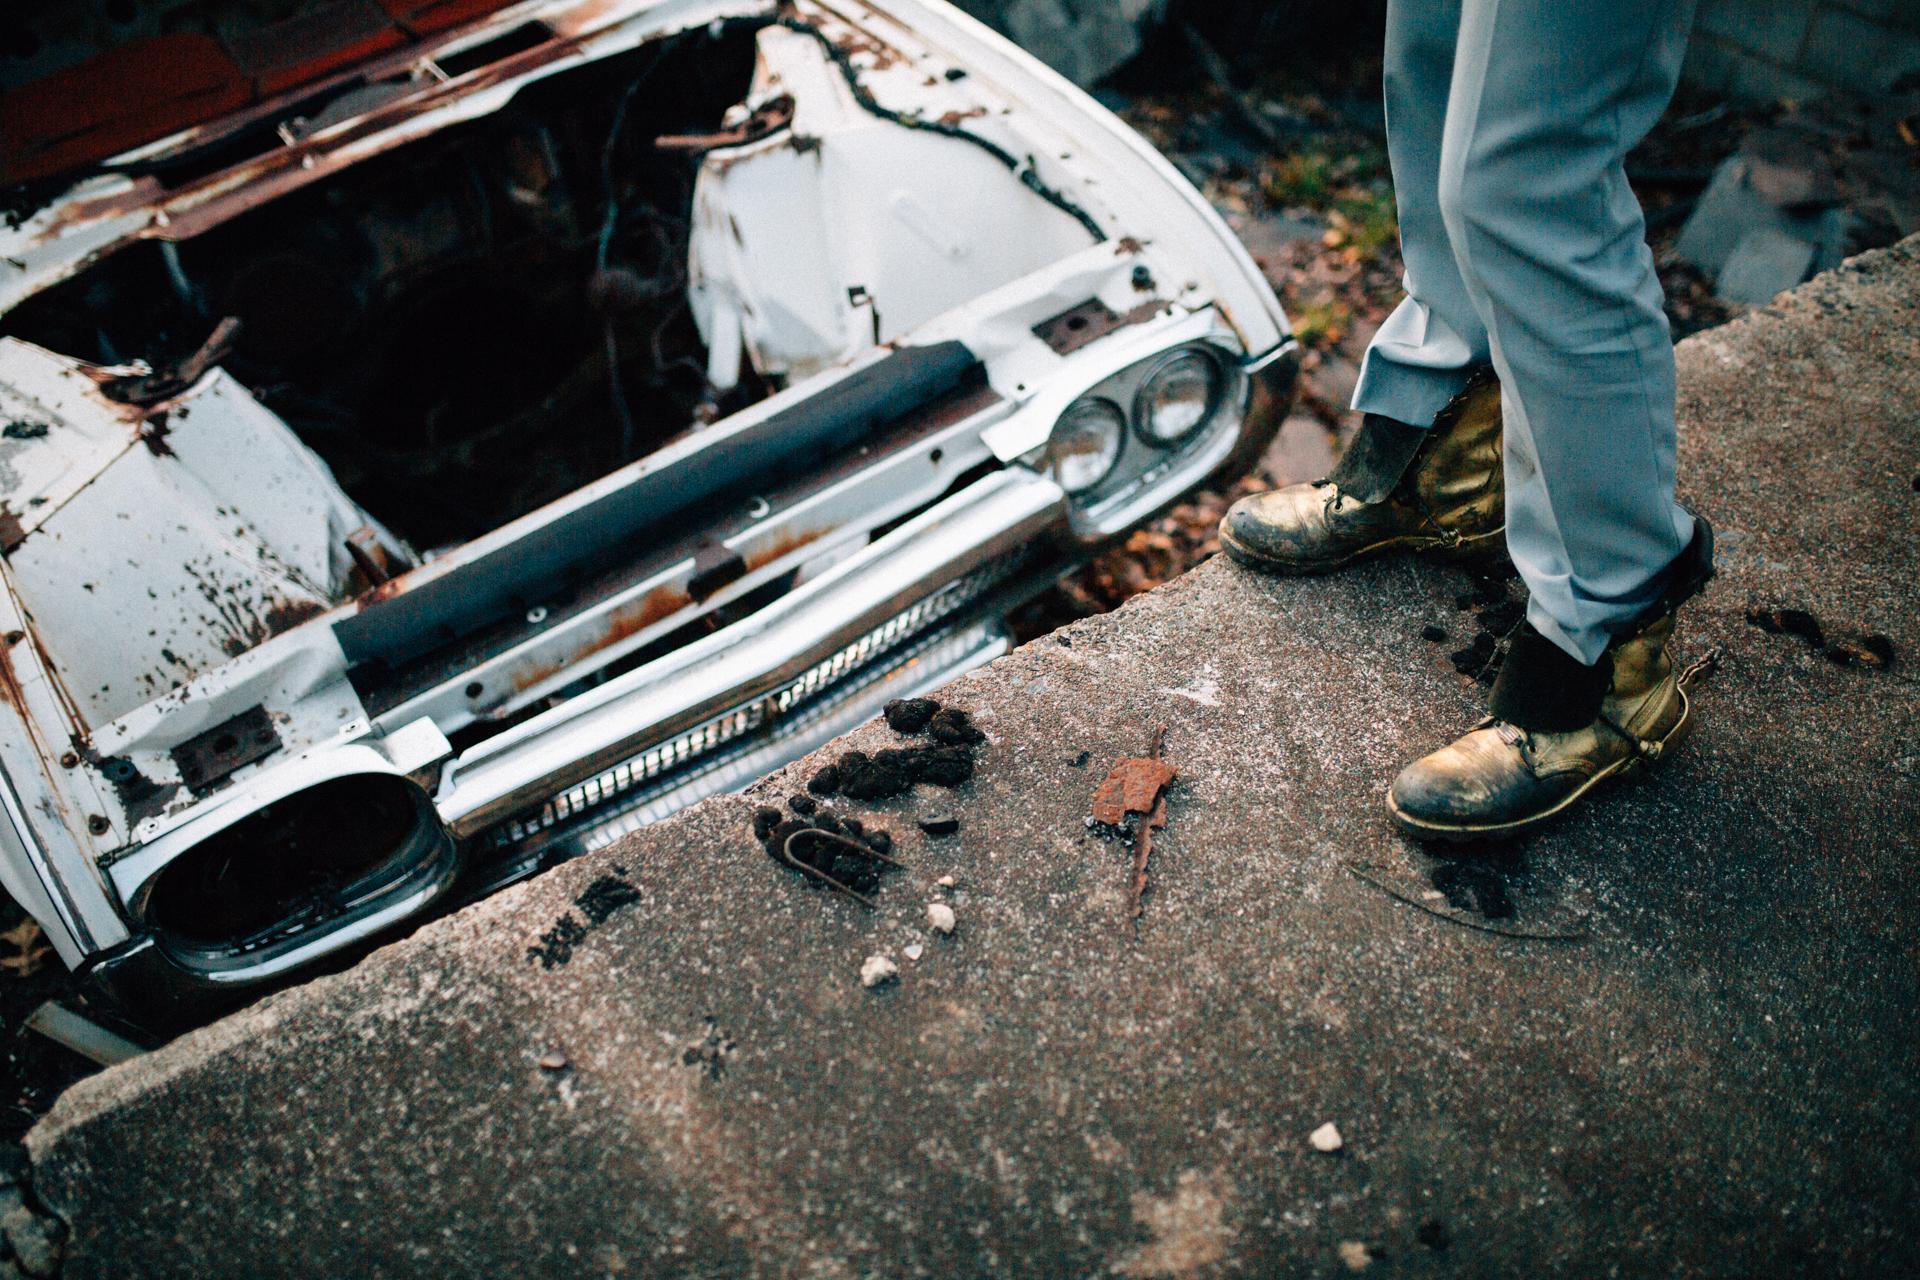 Jason-kutchma-musician-photography-82.jpg